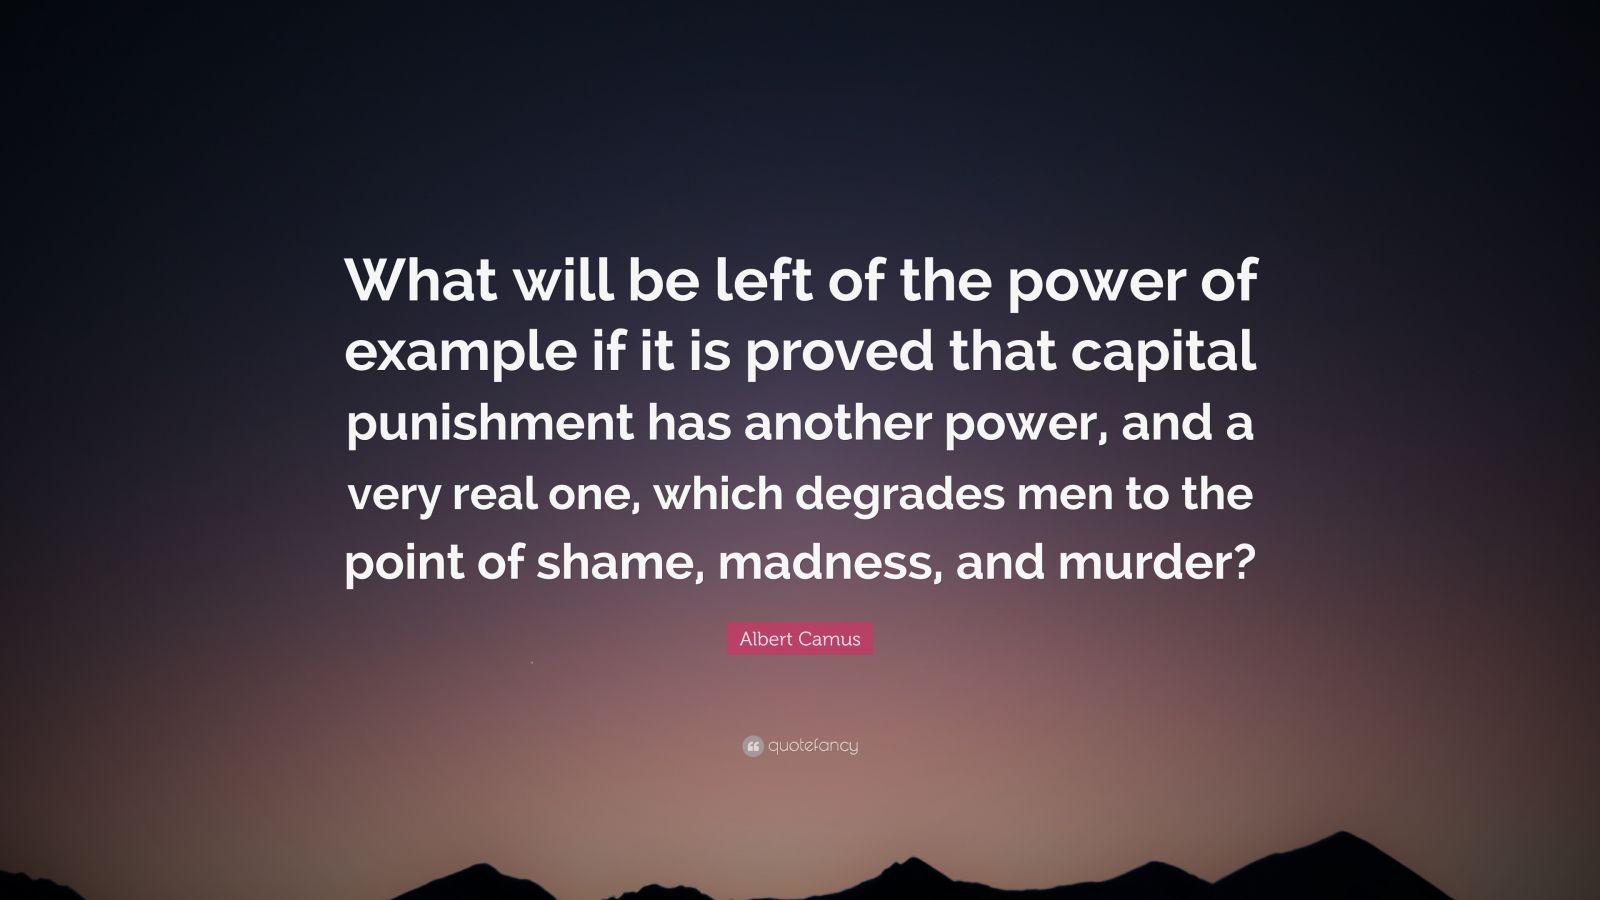 albert camus essay on capital punishment